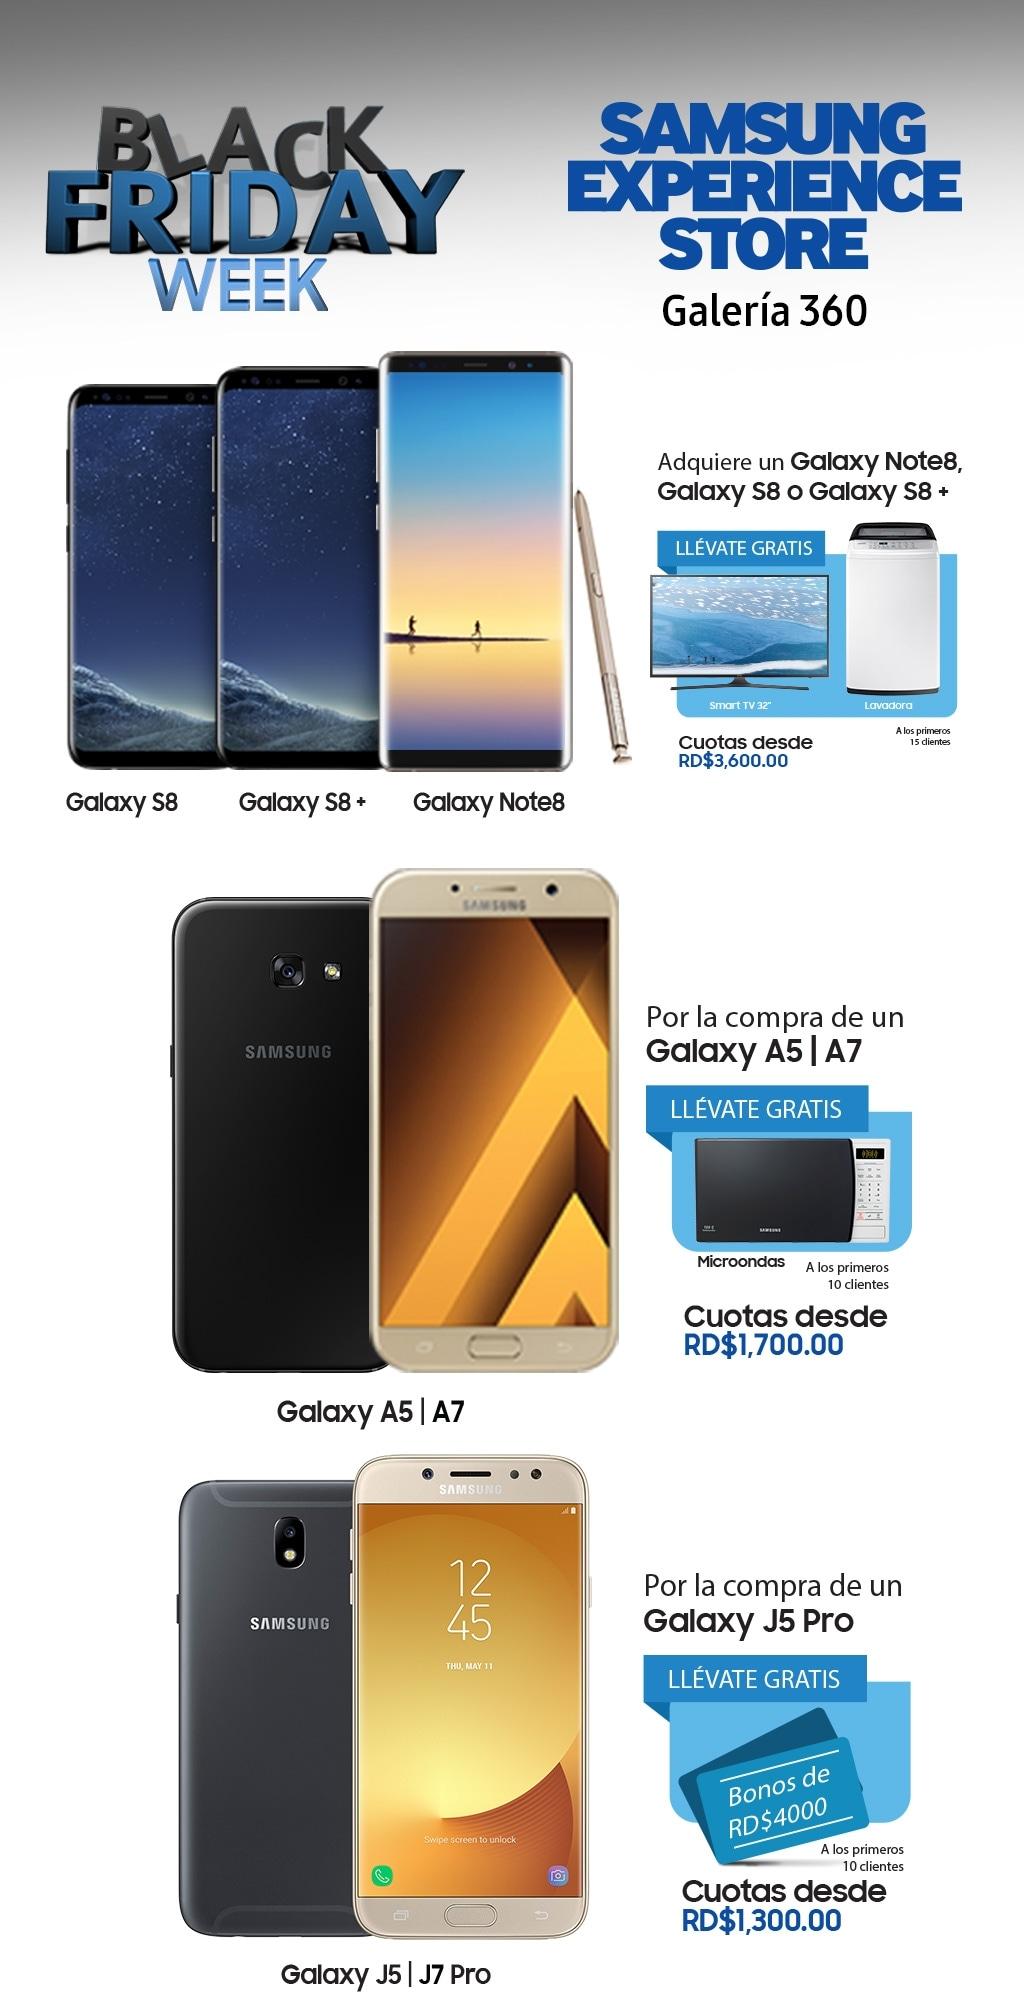 147ac34447c Aprovecha las mejores ofertas en equipos Samsung | Samsung Latinoamérica